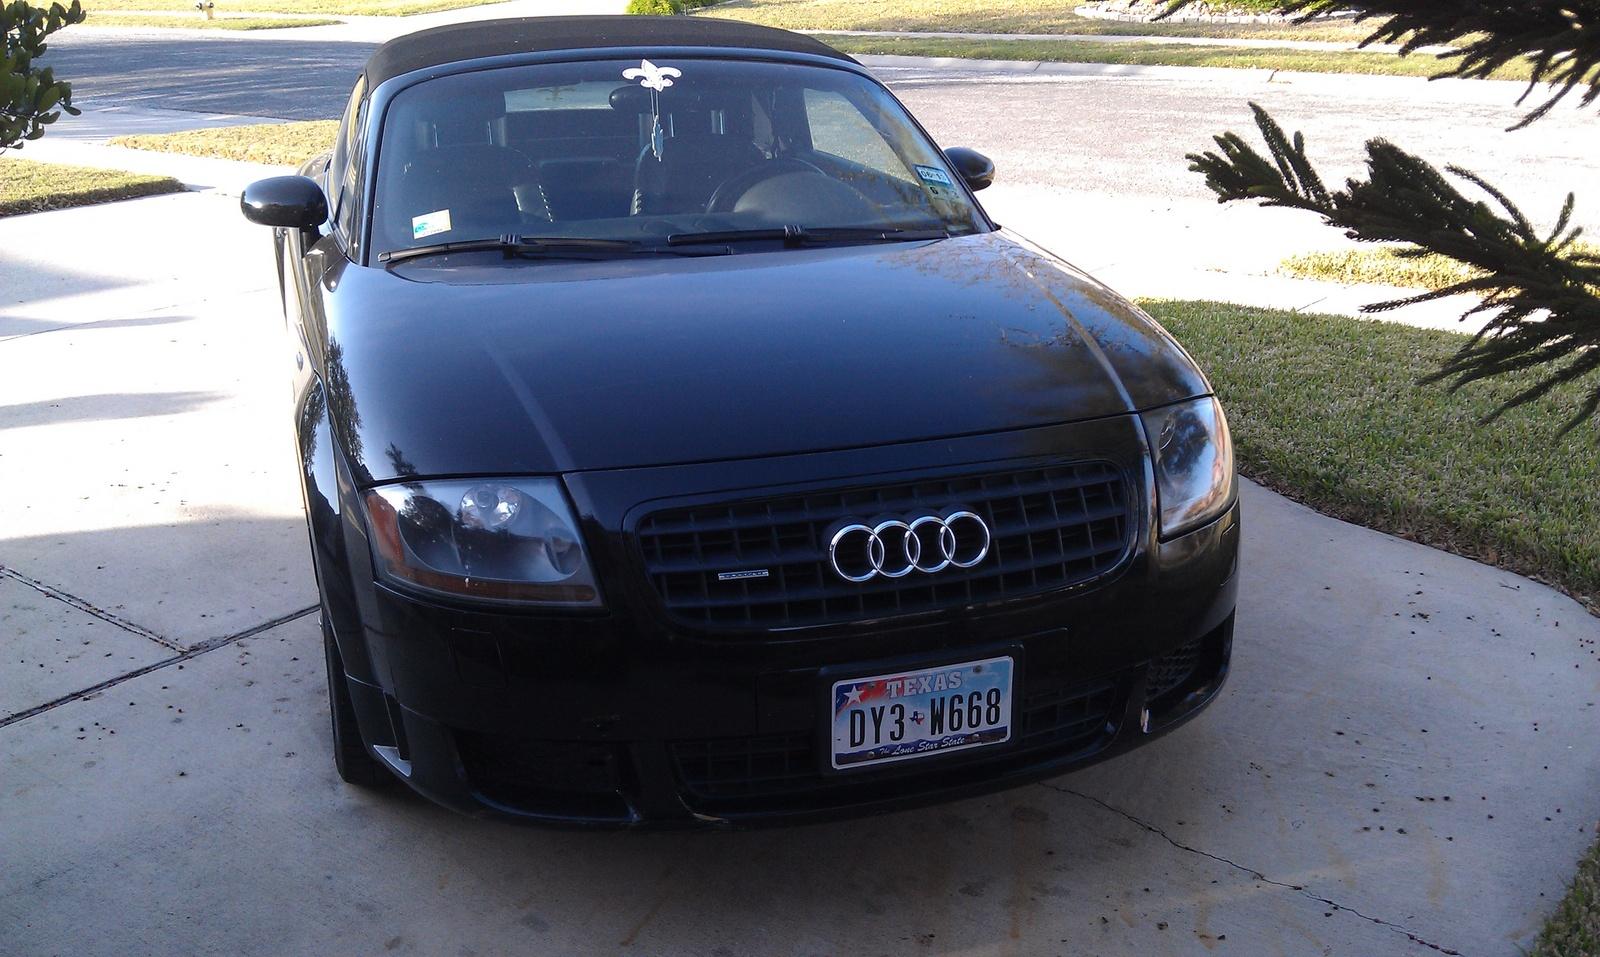 2004 Audi TT - Pictures - CarGurus